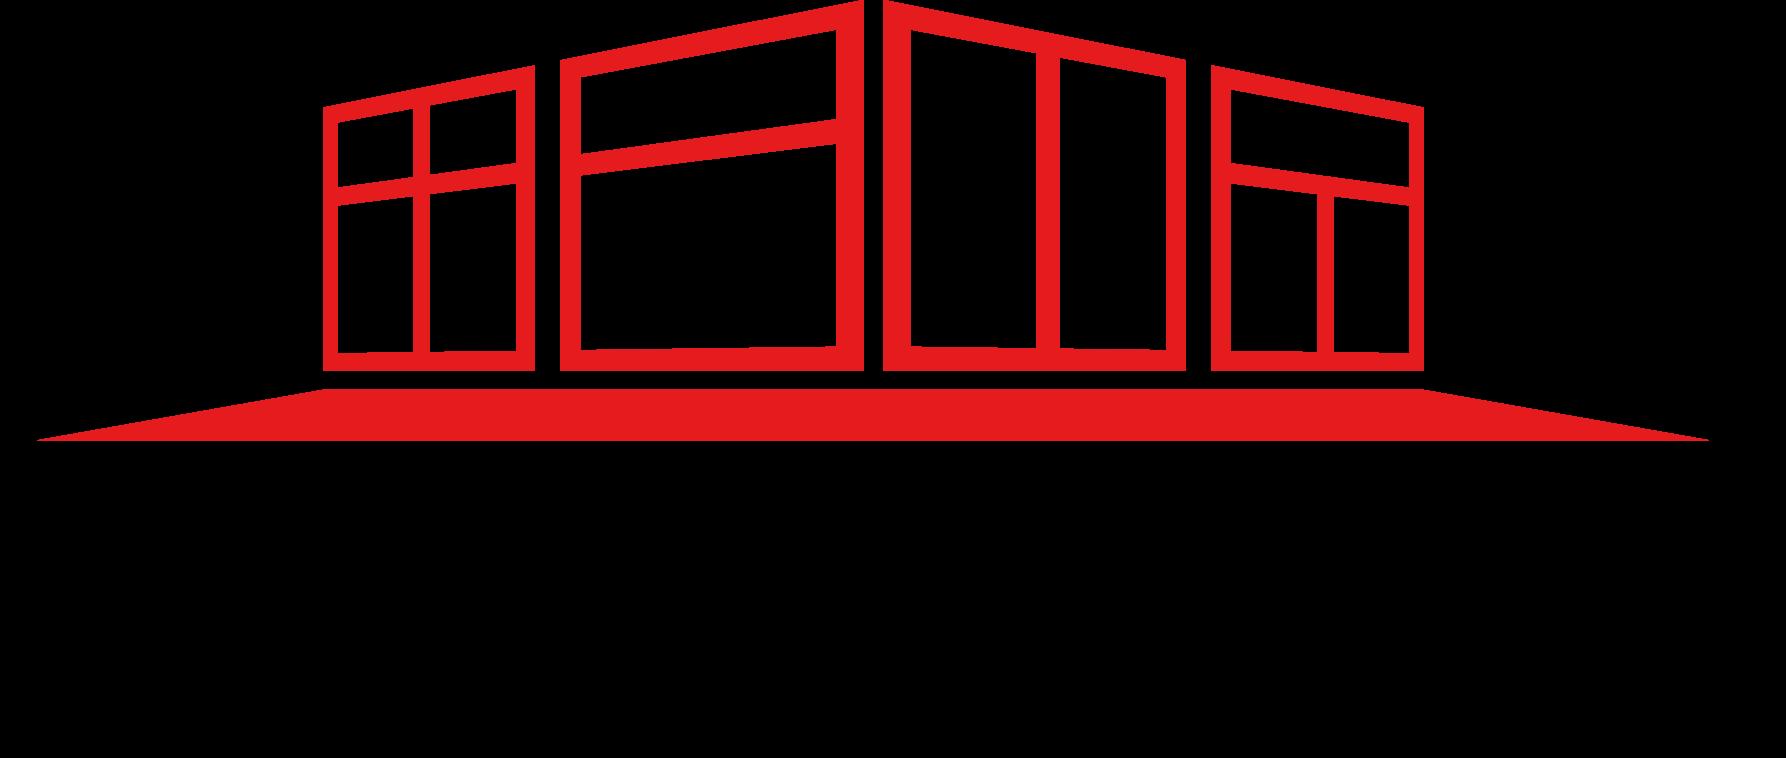 логотипы окна картинки автомобили одни самых